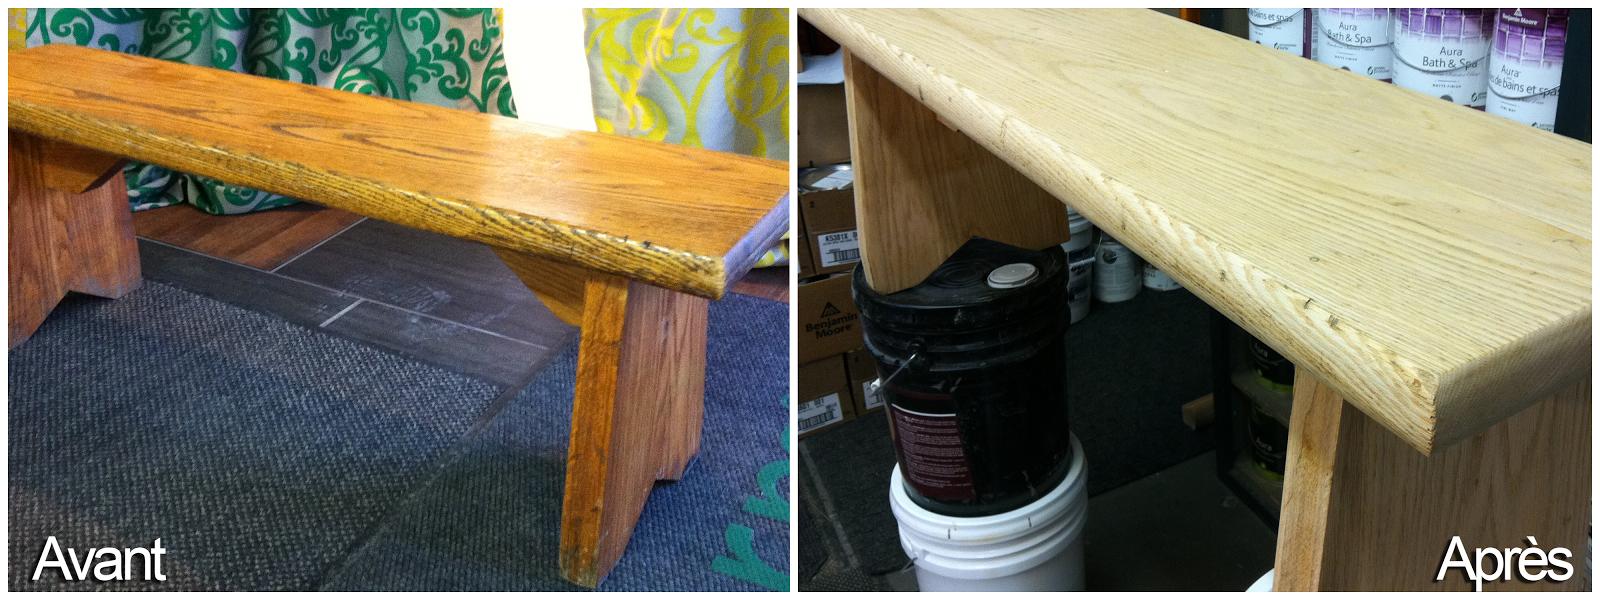 Colobar Peinture et Décoration Comment décaper des meubles en bois # Decaper Meuble En Bois